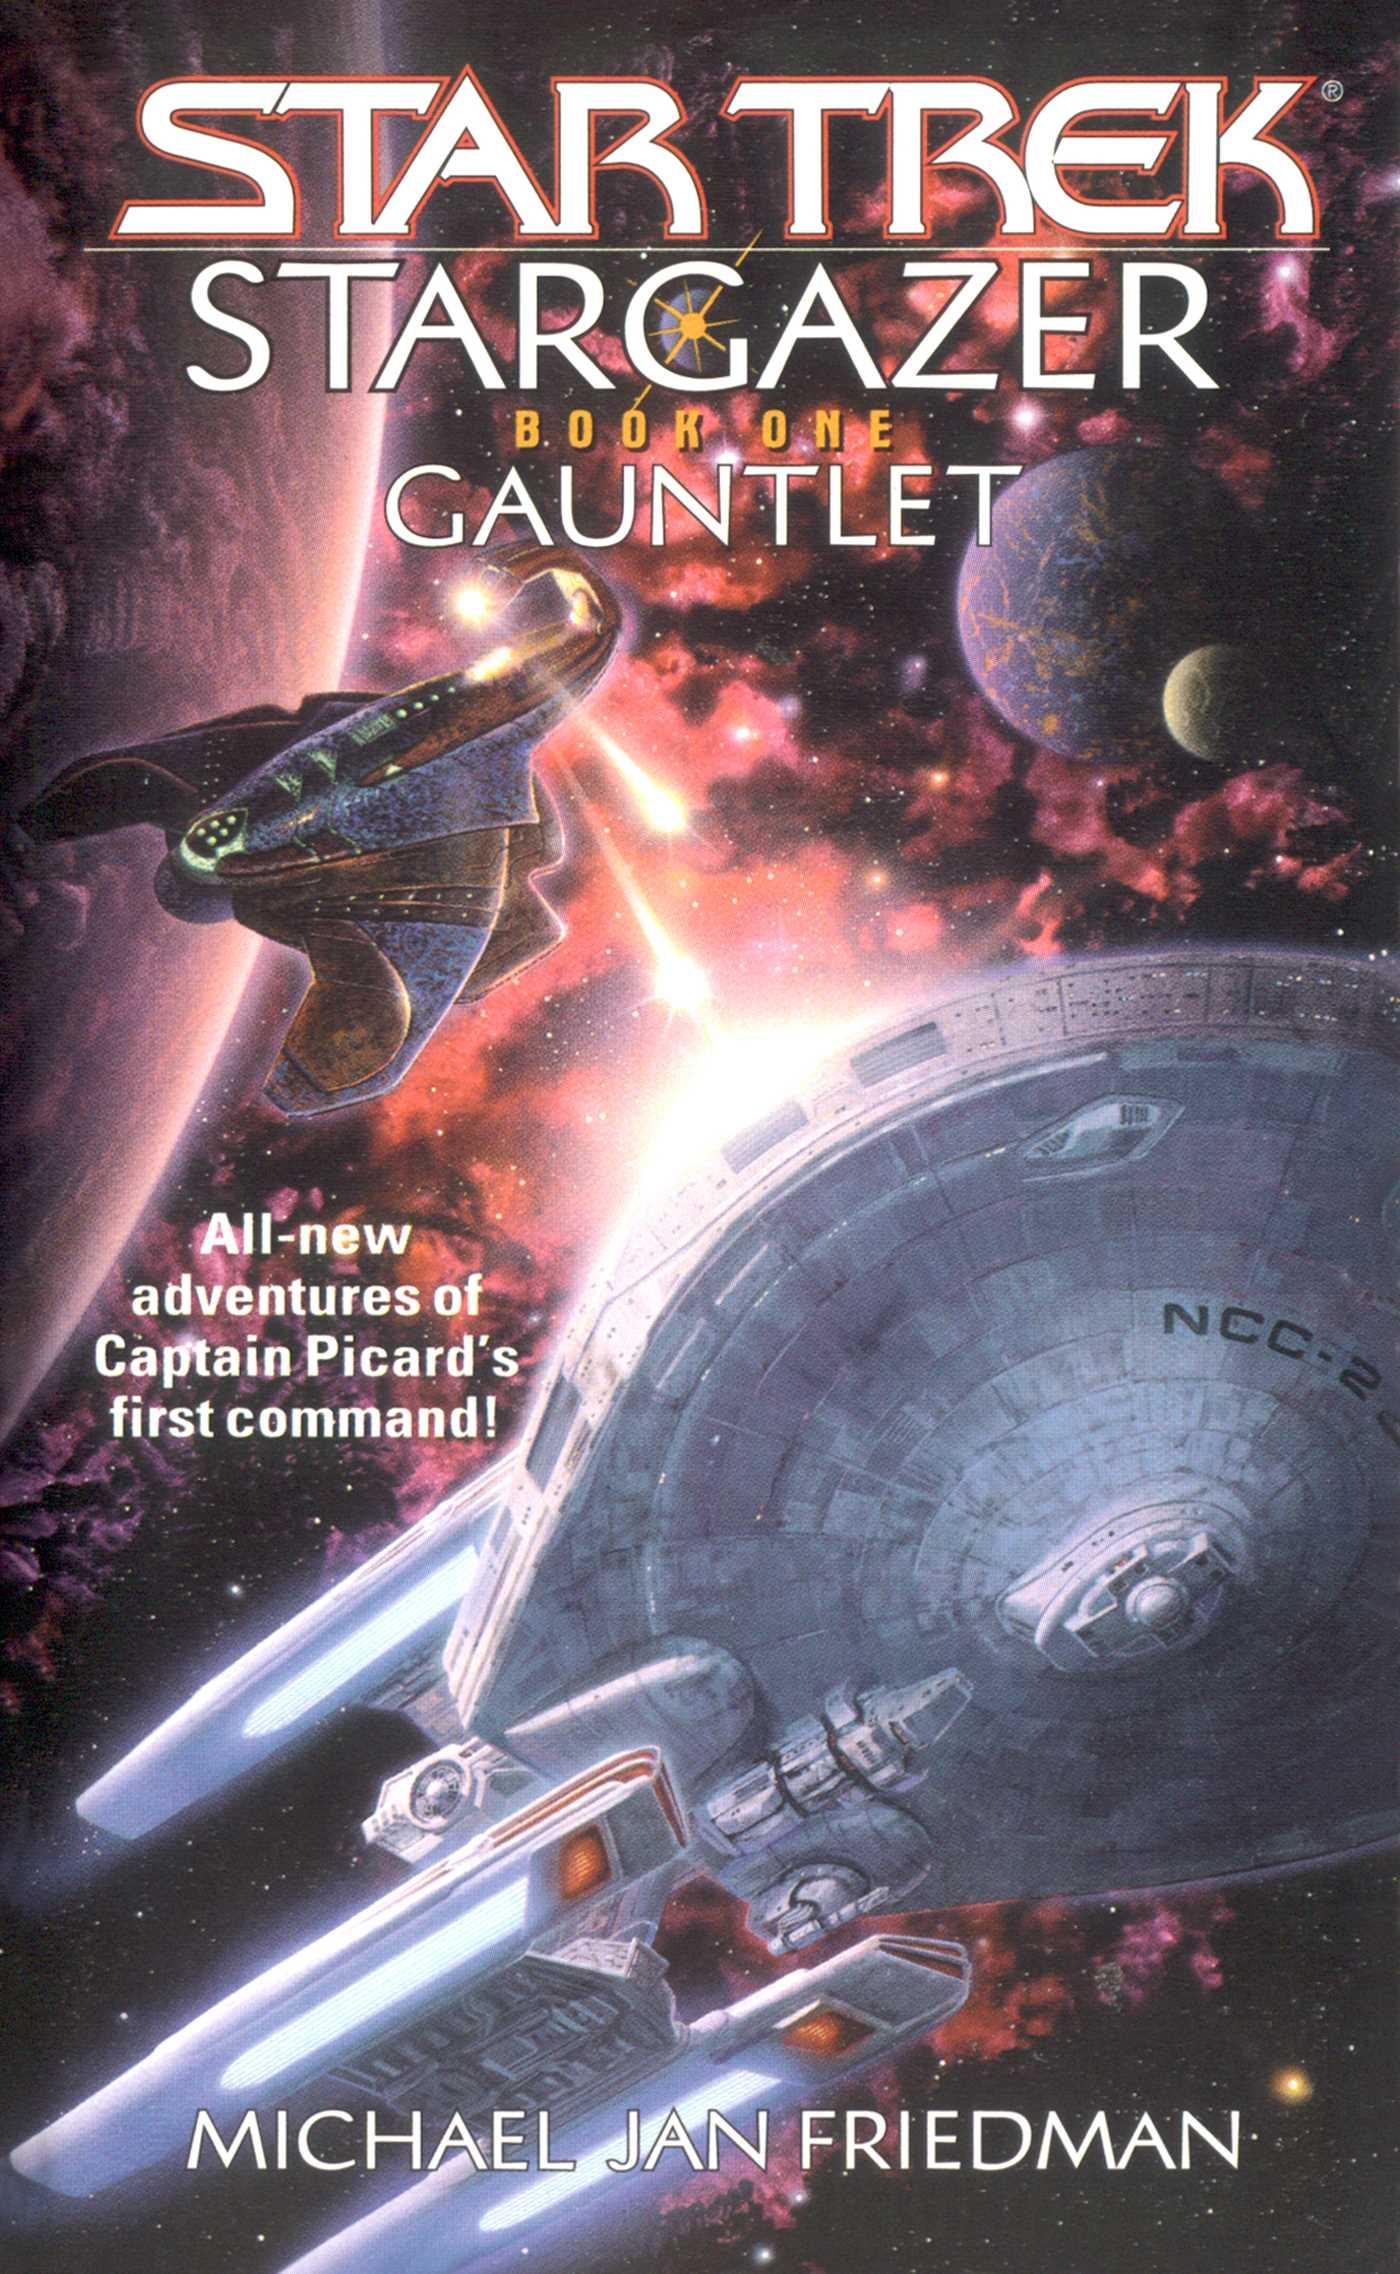 Stargazer book one 9780743427951 hr